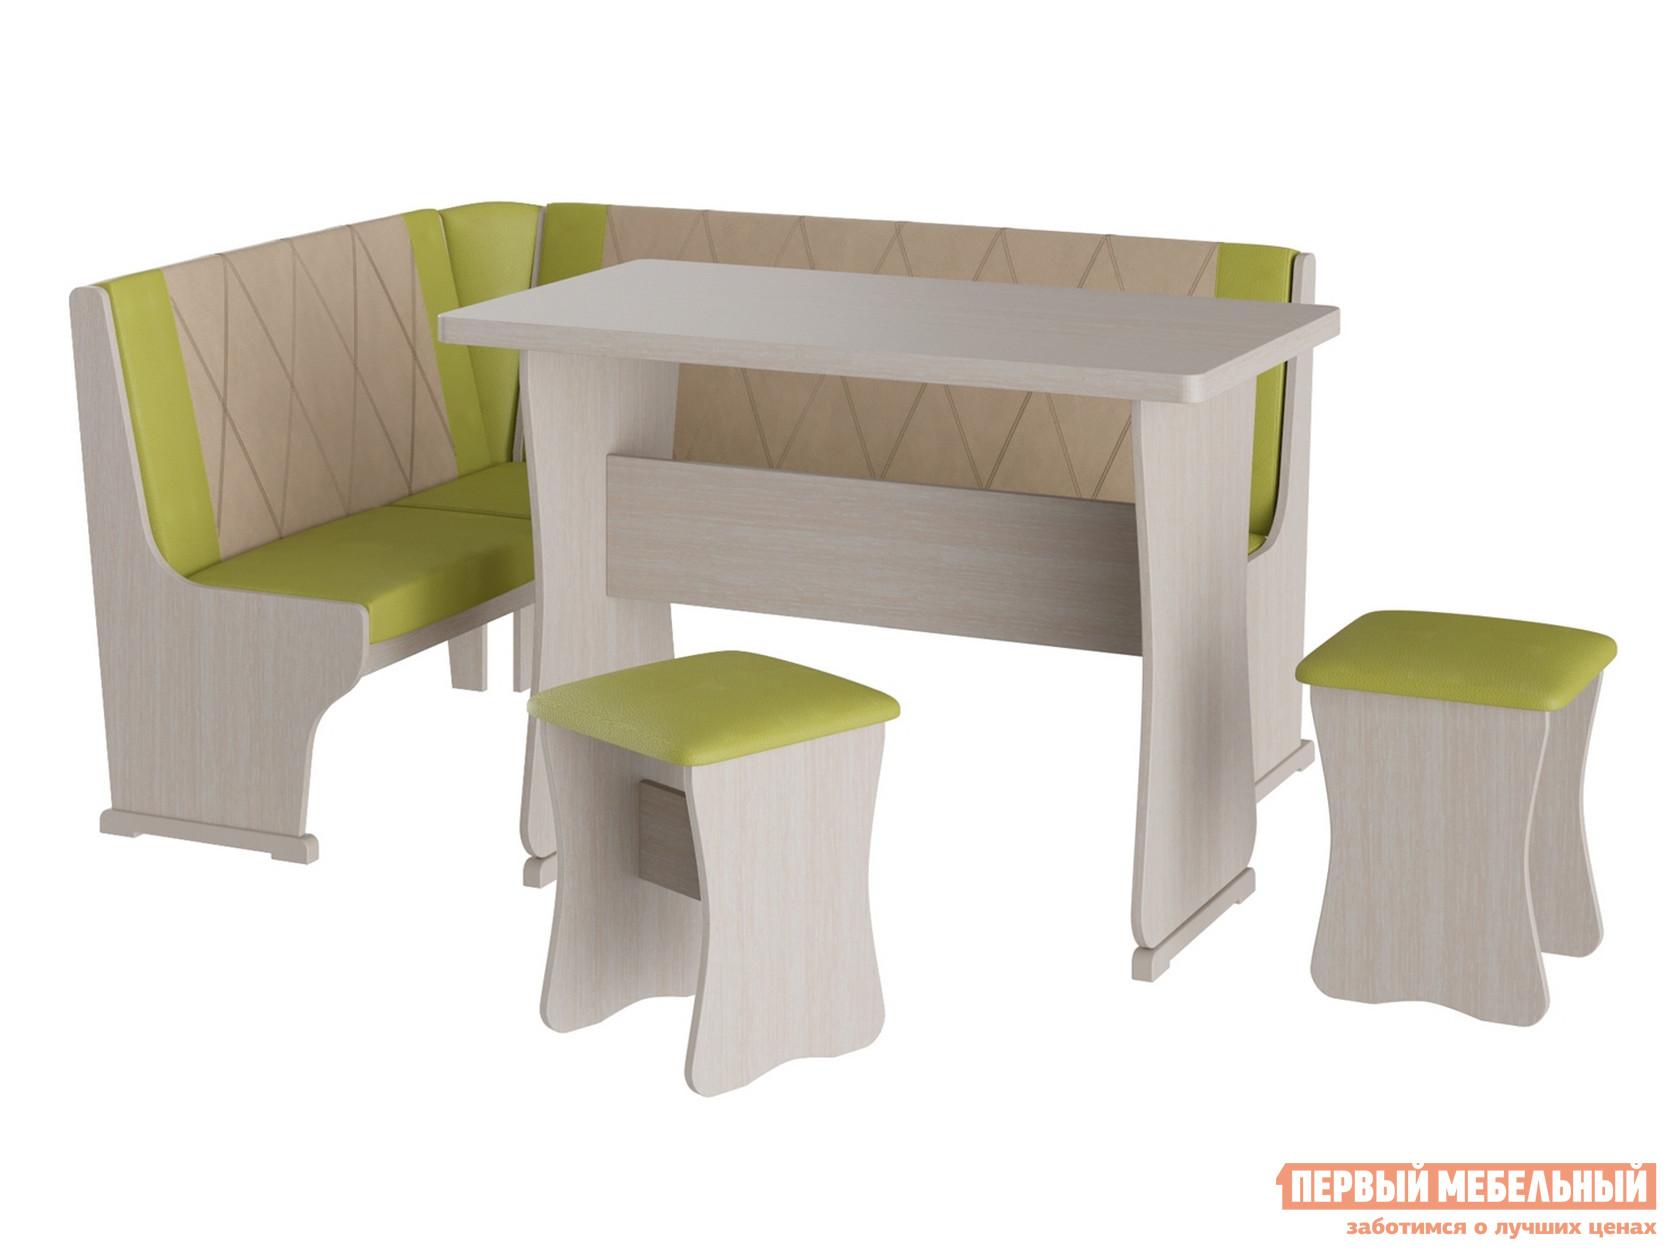 Фото - Кухонный уголок Первый Мебельный Кухонный уголок Сити 2 кухонный уголок триумф